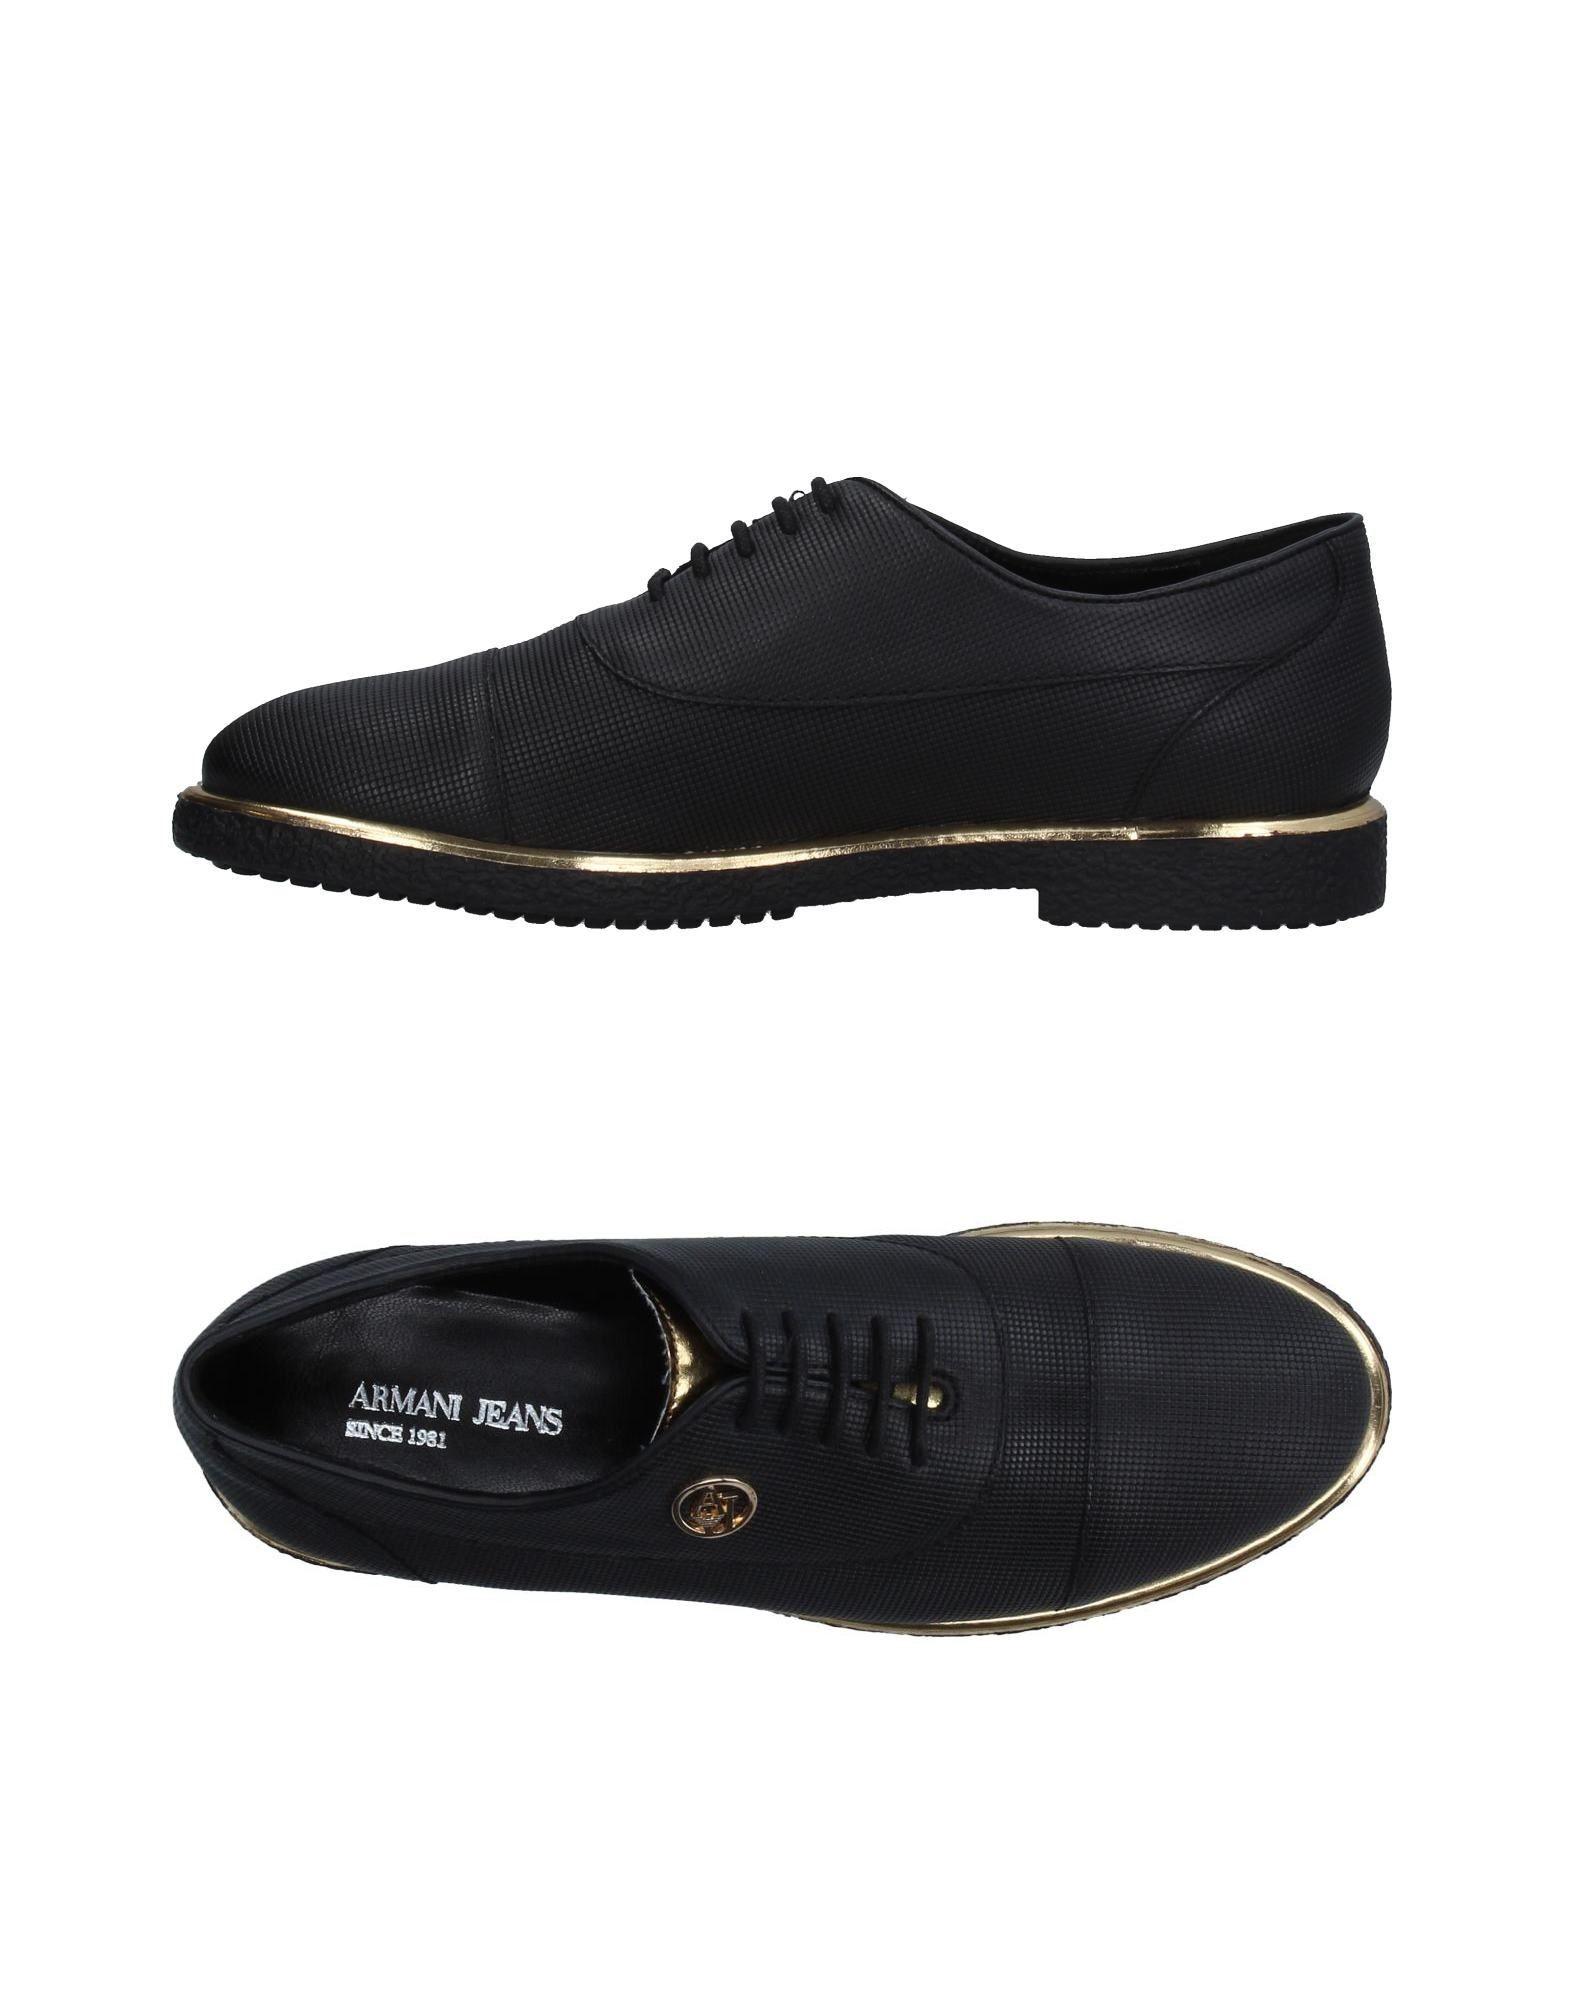 Armani Jeans Schnürschuhe lohnt Damen Gutes Preis-Leistungs-Verhältnis, es lohnt Schnürschuhe sich 16045 3b5f55